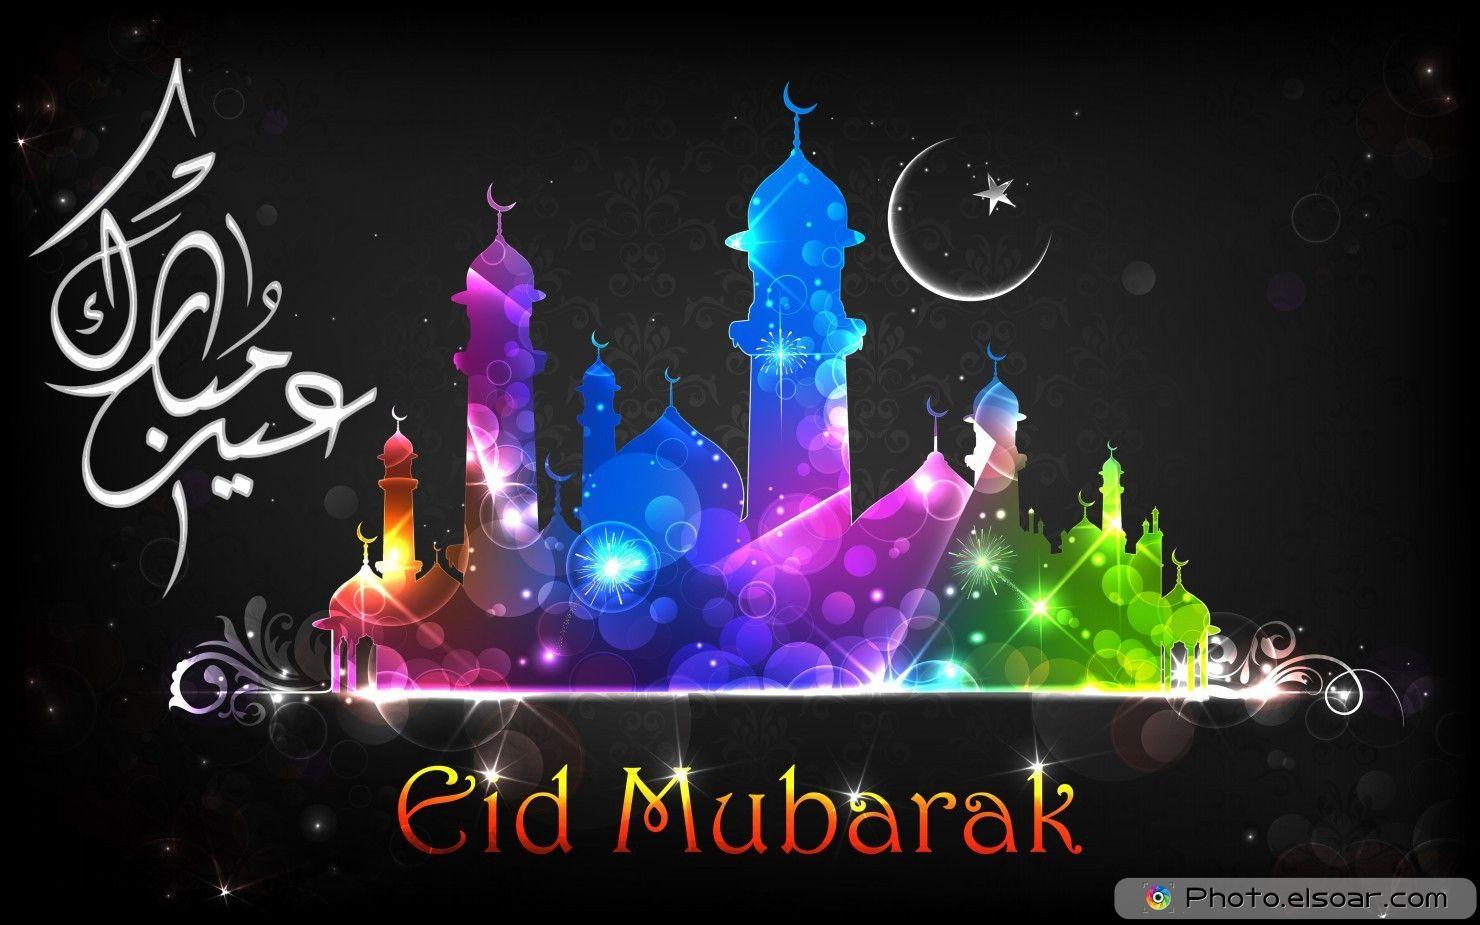 eid mubarak wallpapers download | eid in 2019 | eid mubarak